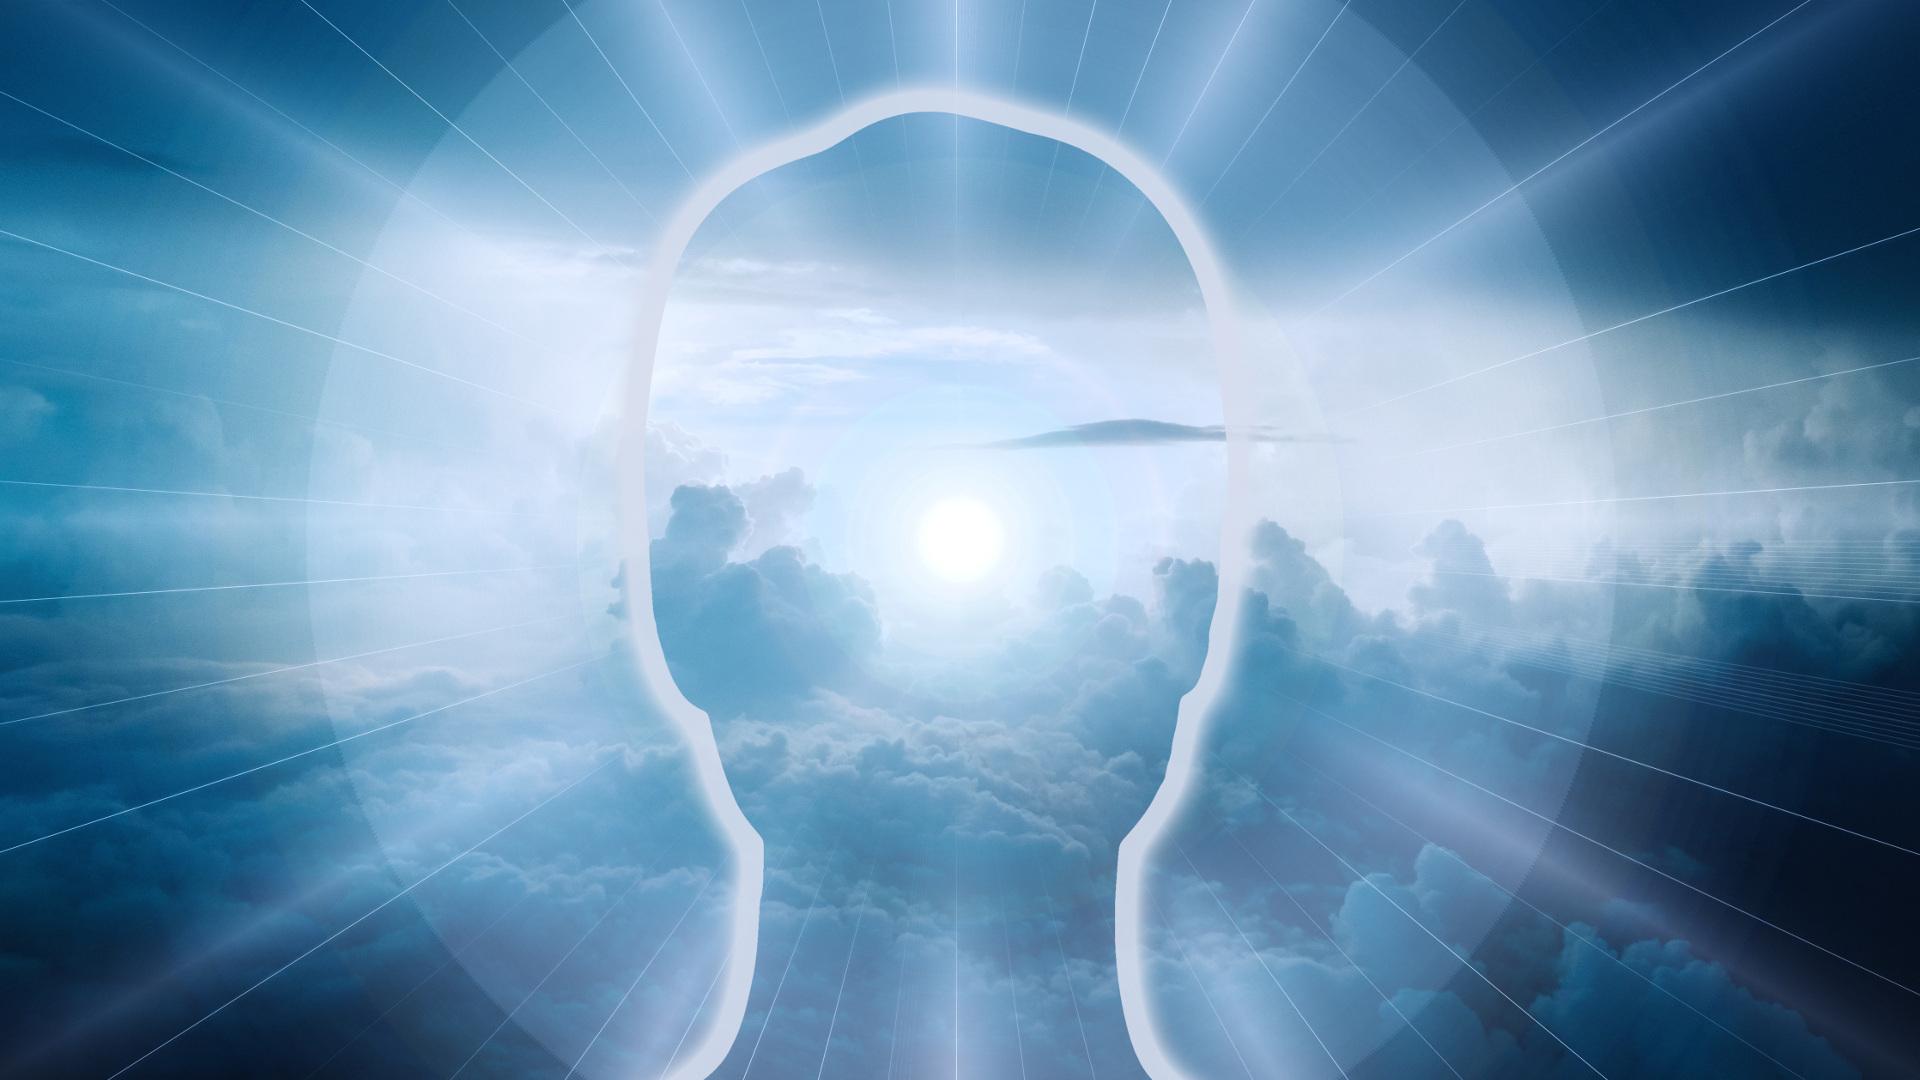 Como podemos conectar espiritualmente con los angeles 1920